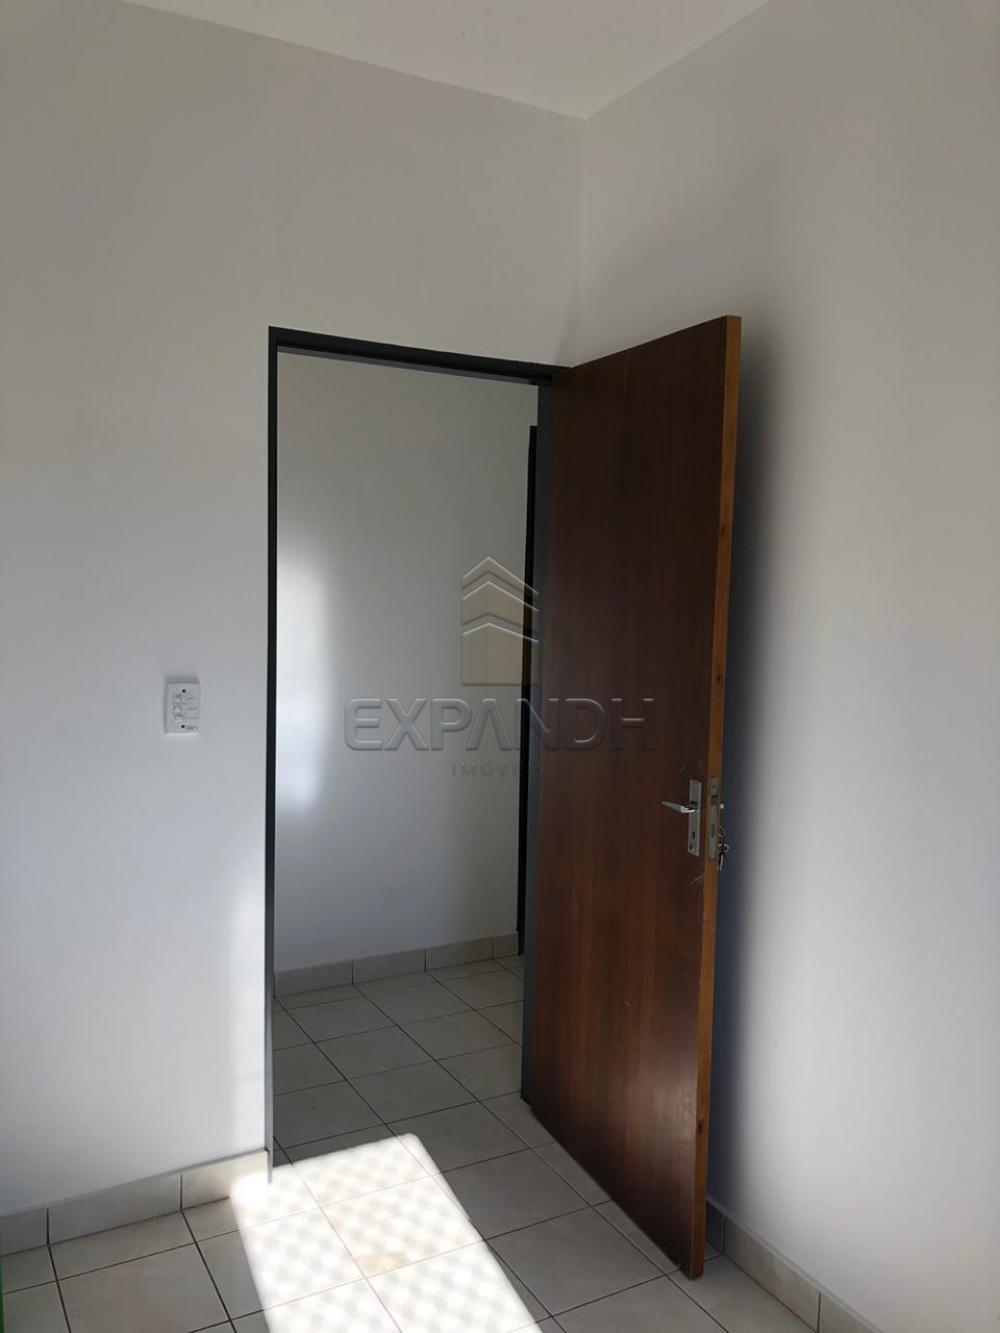 Alugar Apartamentos / Padrão em Sertãozinho apenas R$ 900,00 - Foto 11